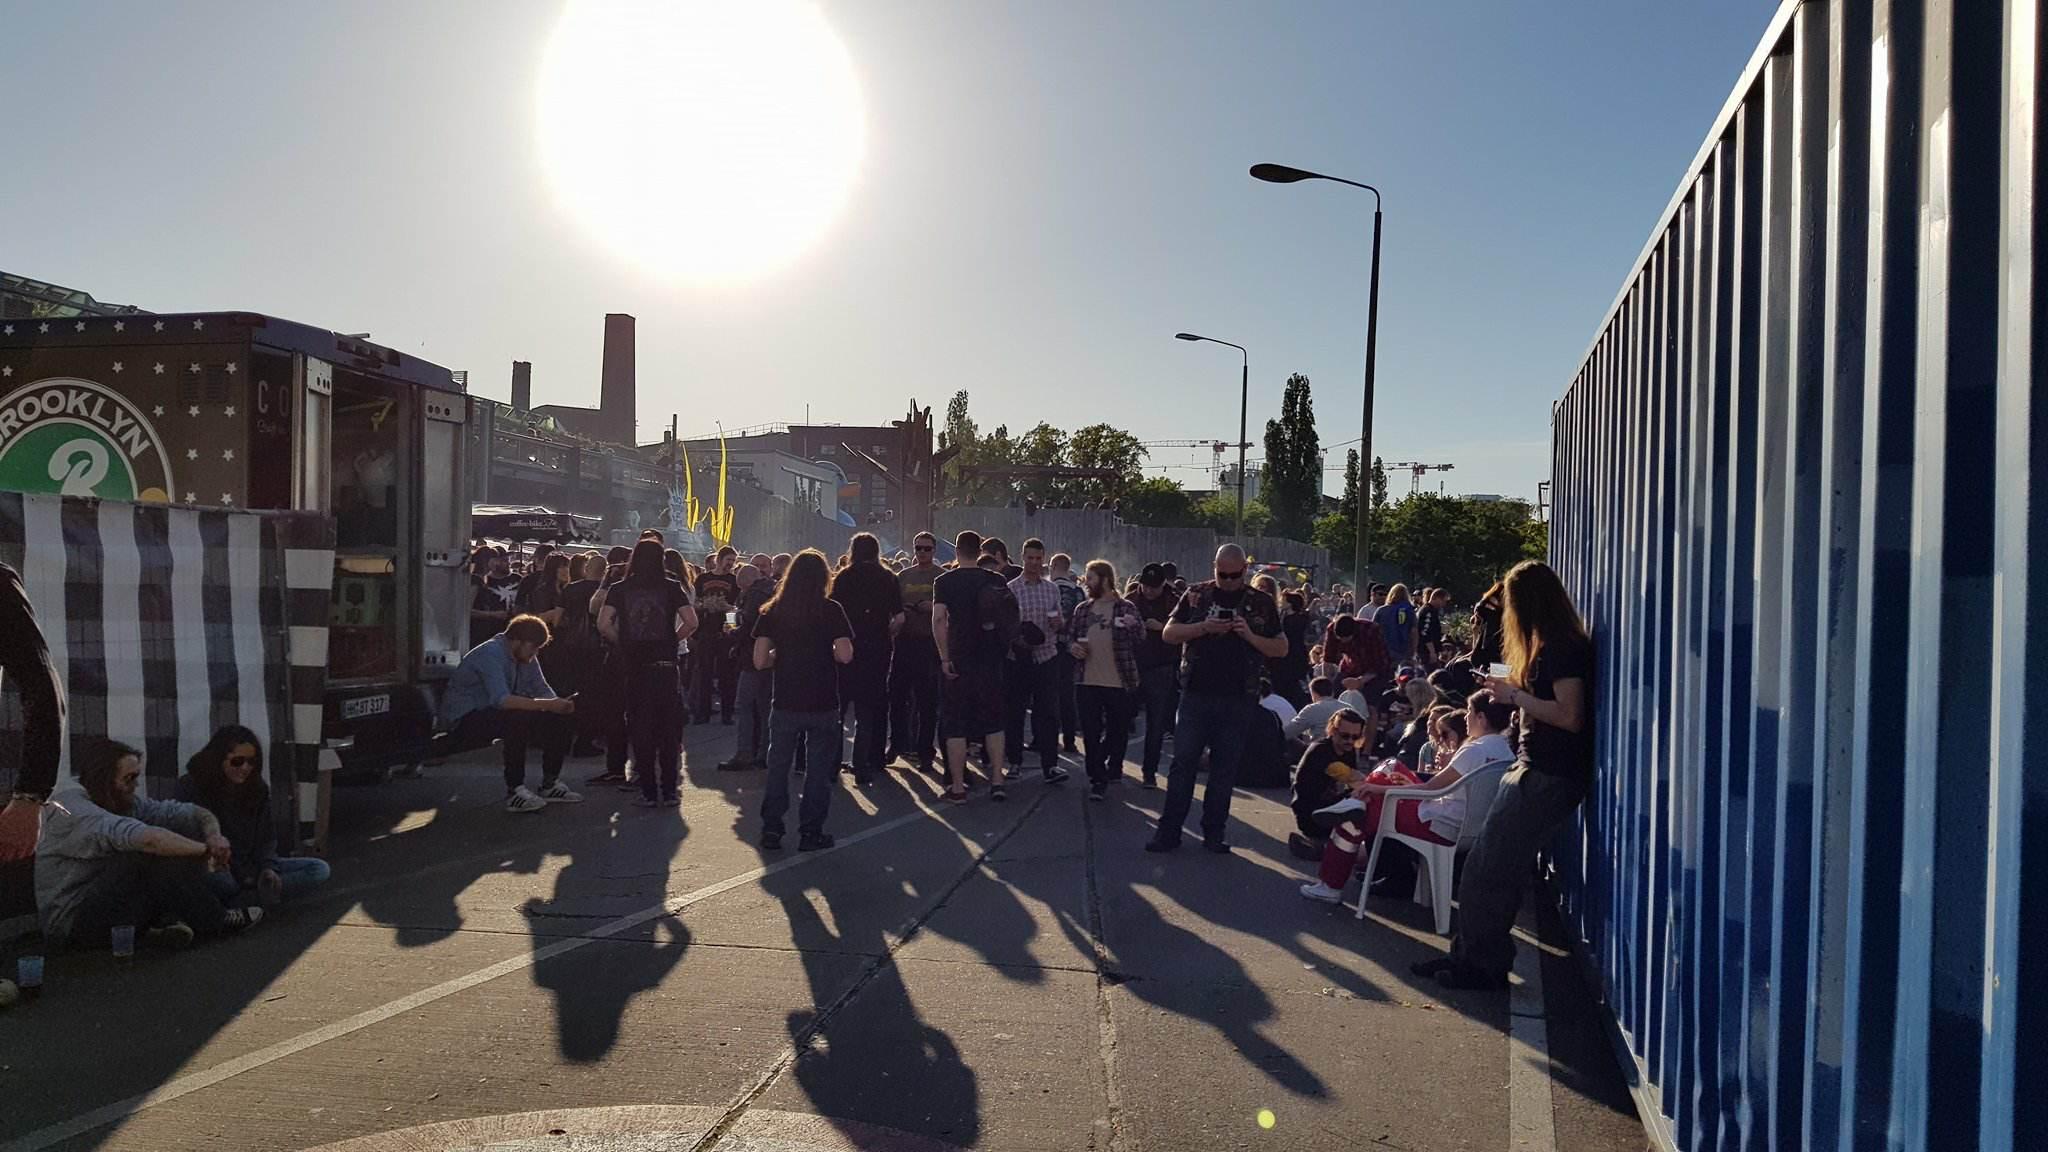 Desertfest in Berlin bedeutet immer Sonnenschein – so auch 2018! (Foto: Marius Soyke)